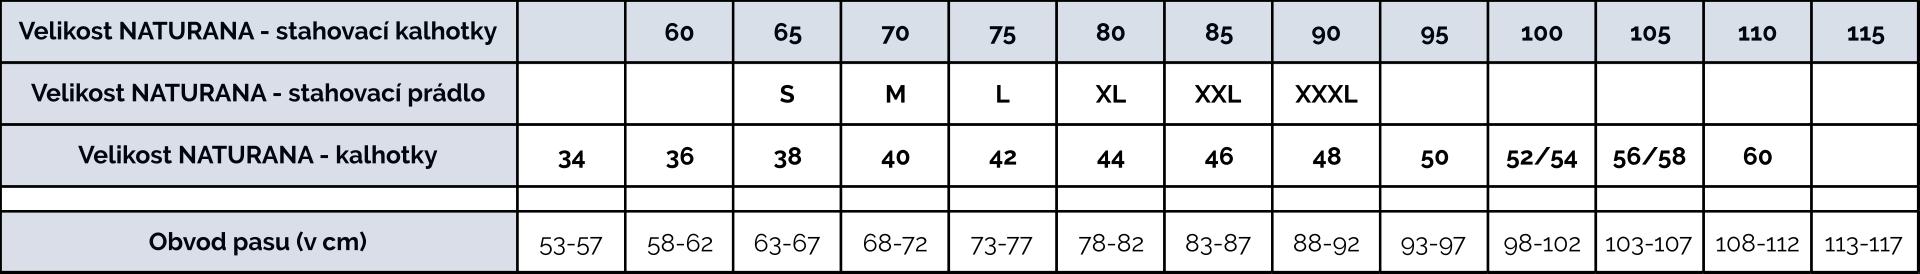 Velikostní tabulka Naturana